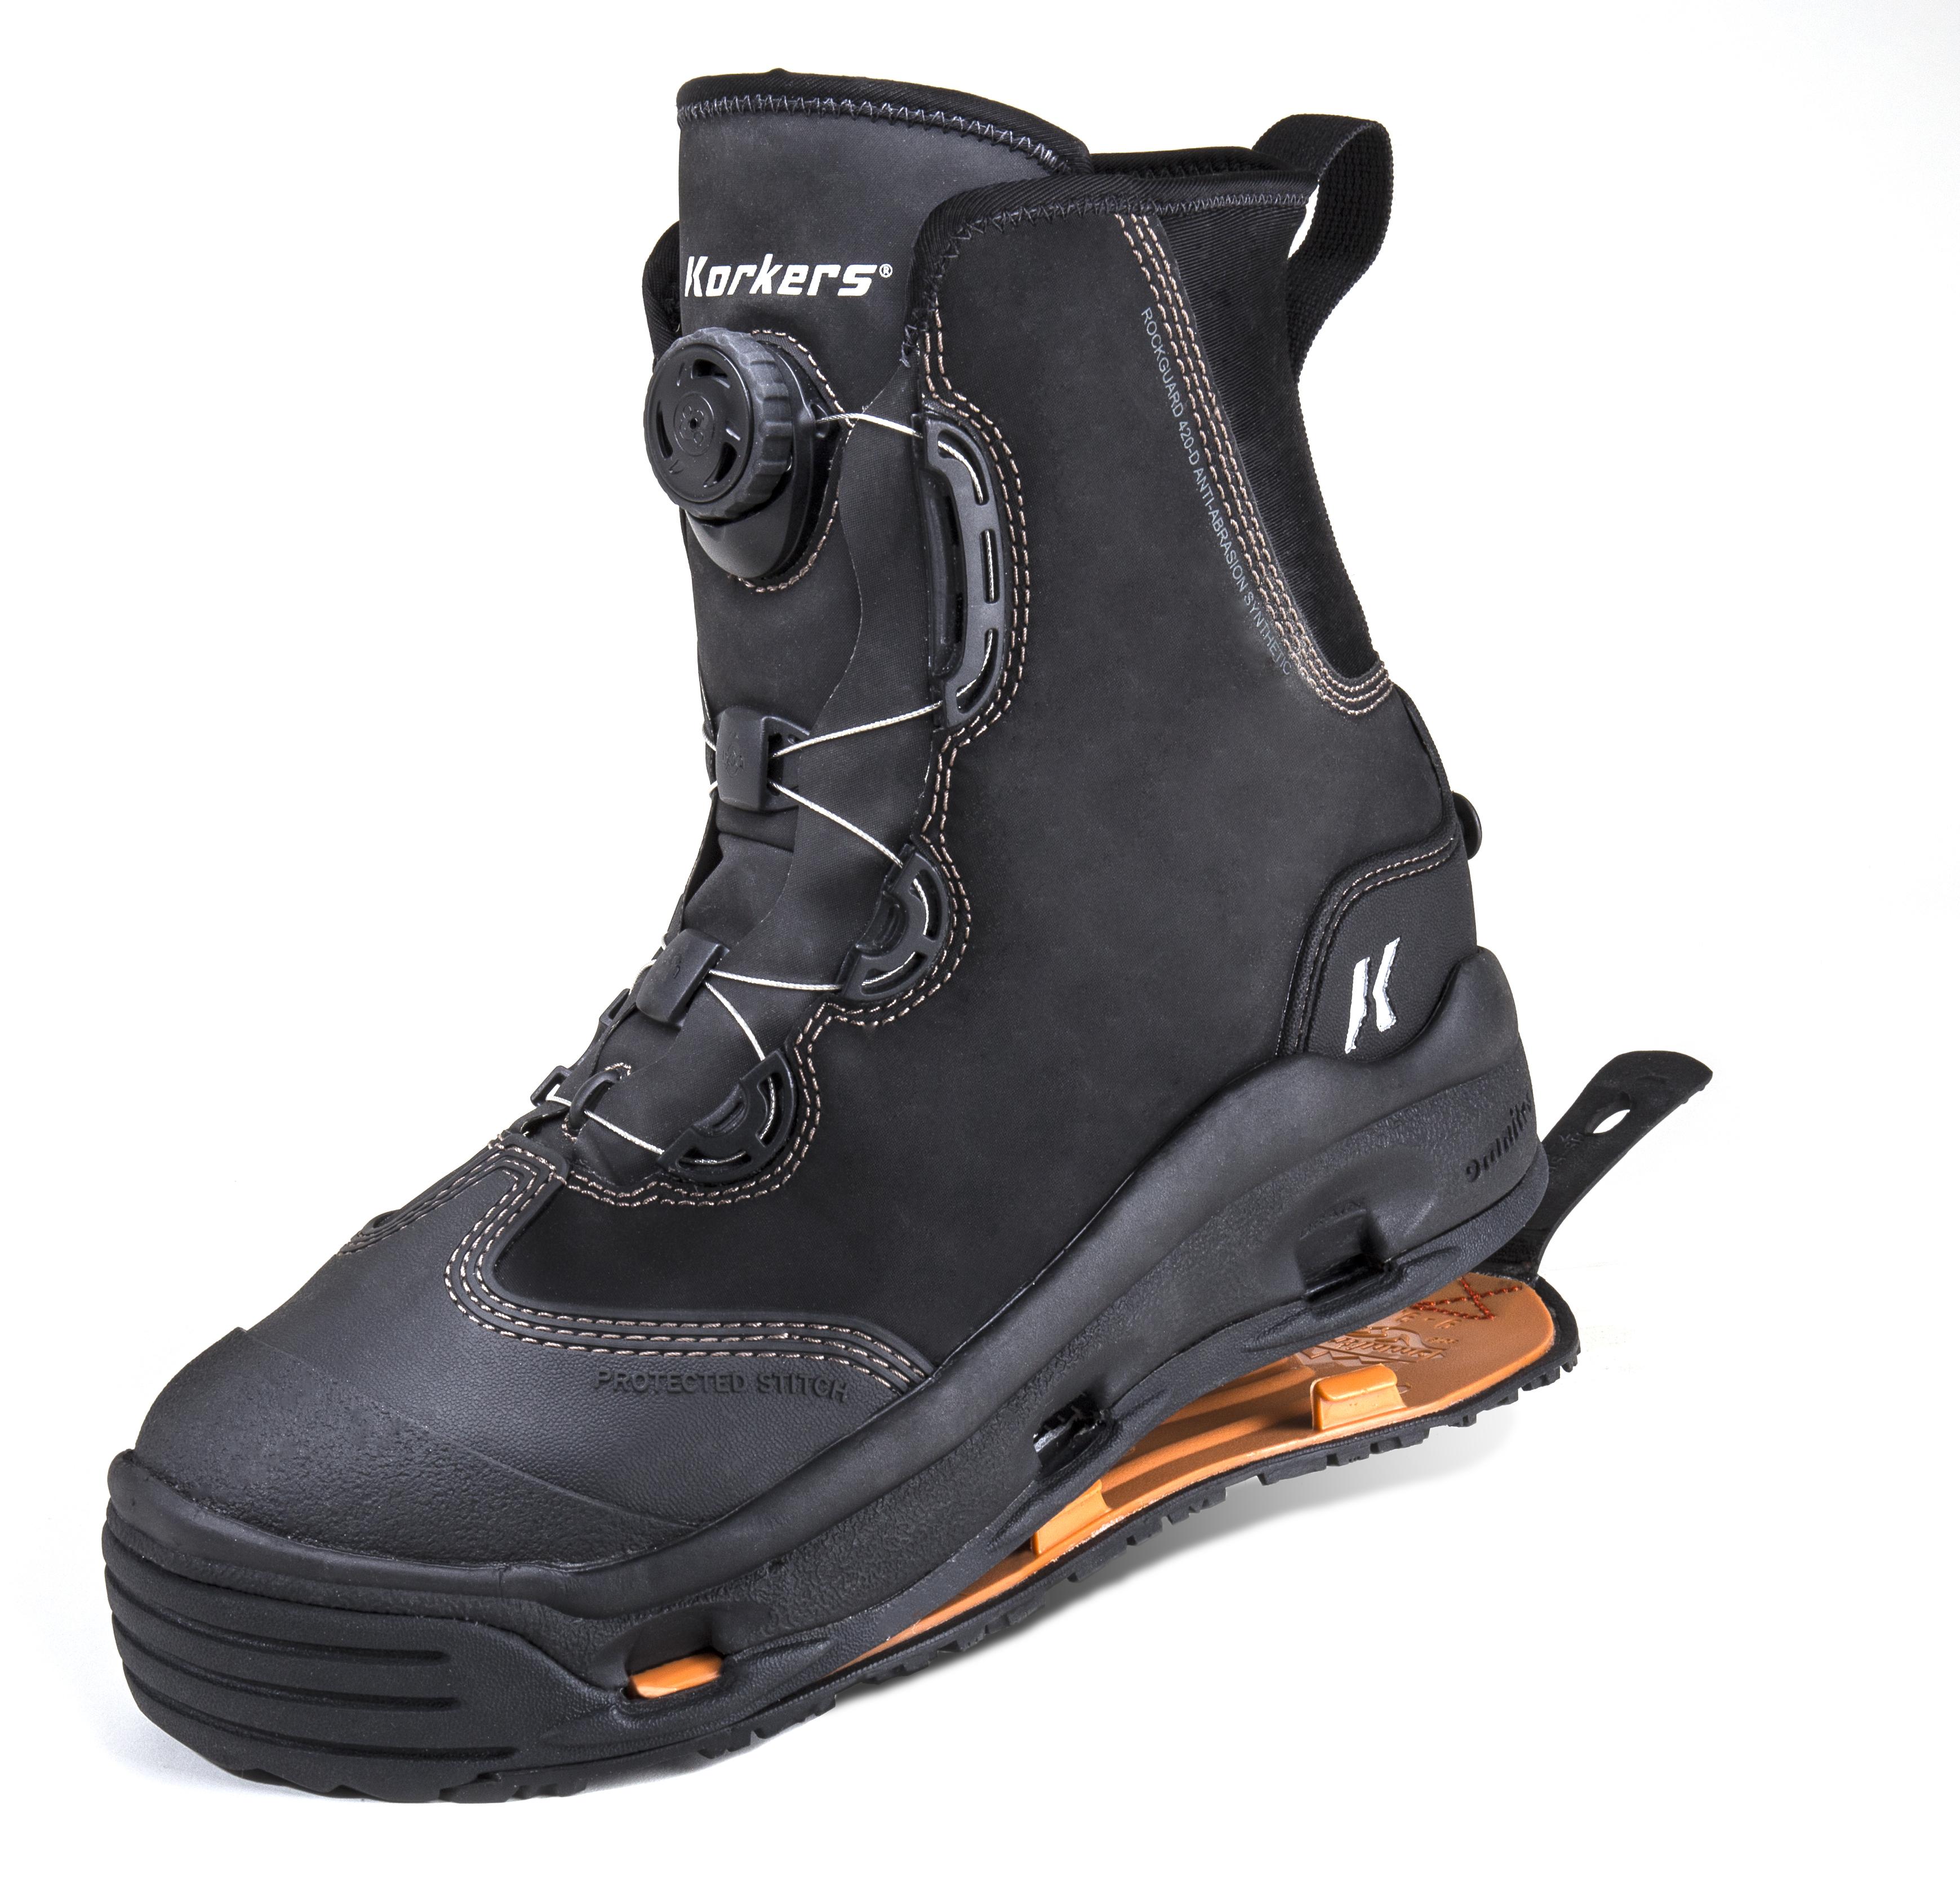 Korker Devils Canyon Boot - www